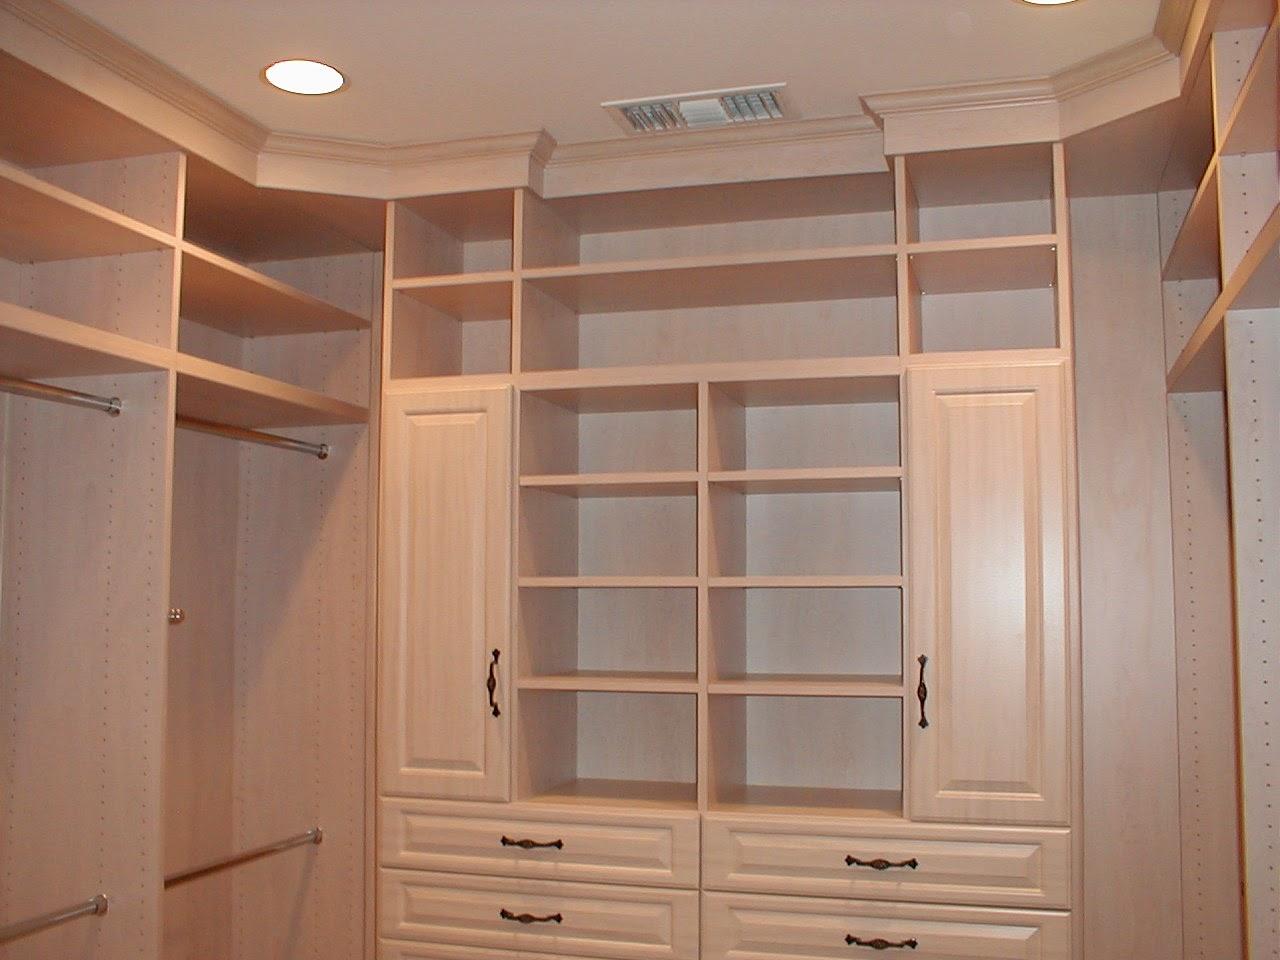 catalogo de closets carpinteria ebanisteria robert